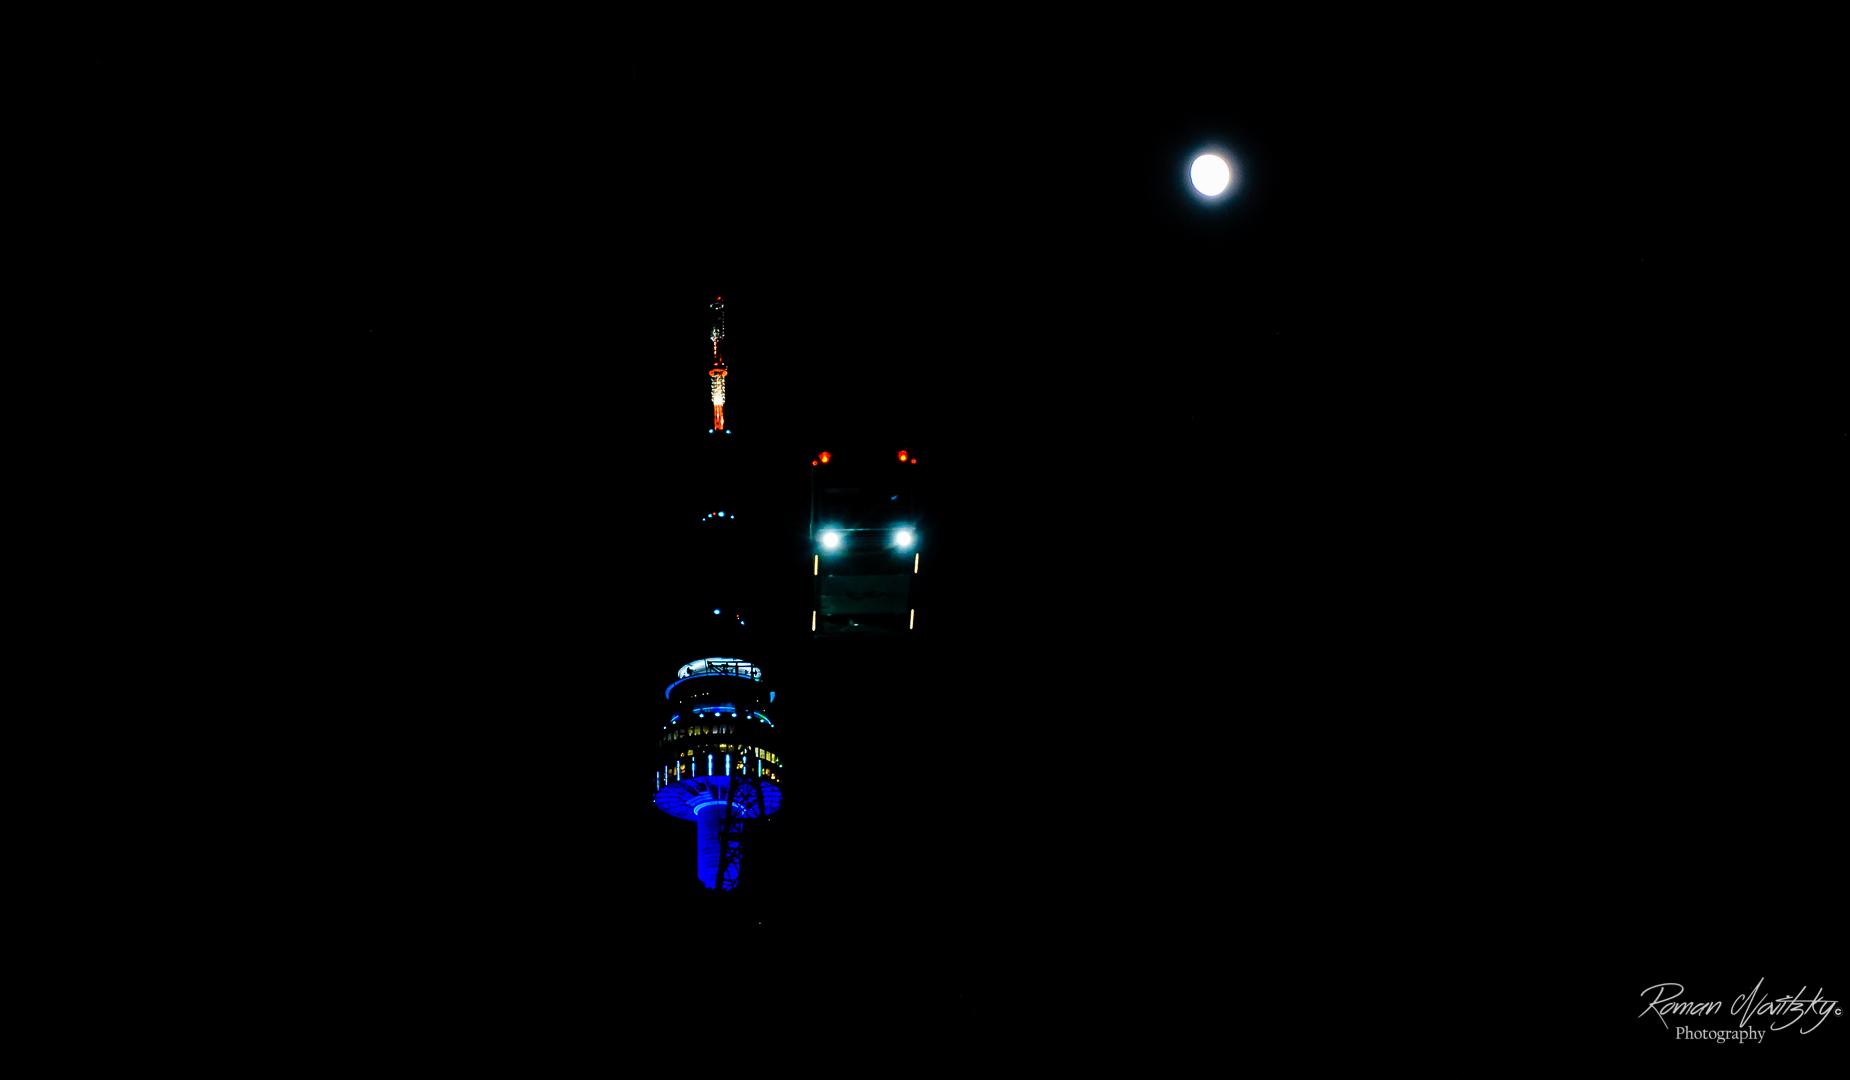 TV tower - Soeul